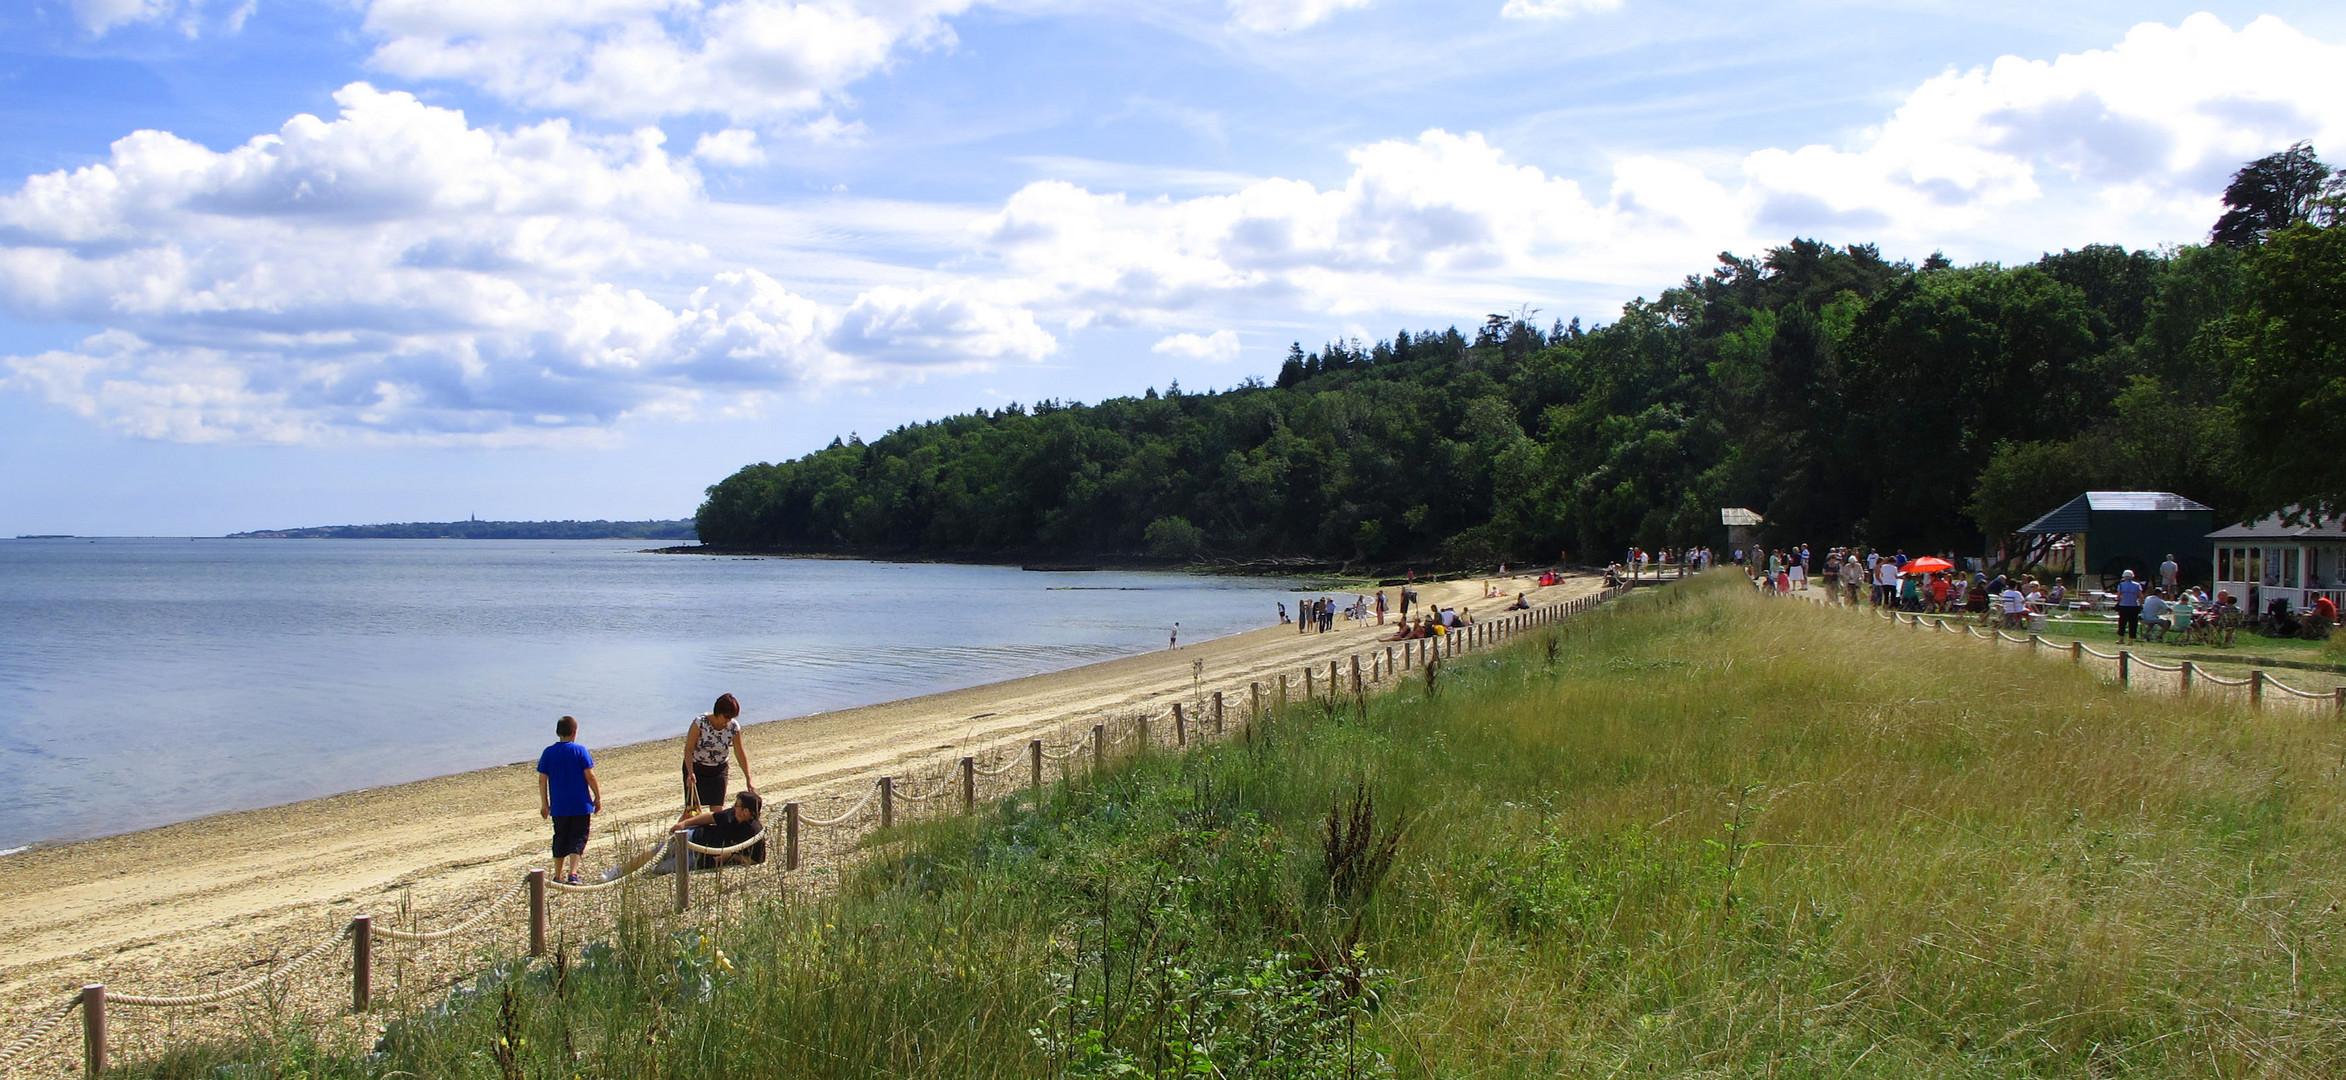 Der Strand gehört zum Osborne Park und ist heute ein öffentlicher Badeort.